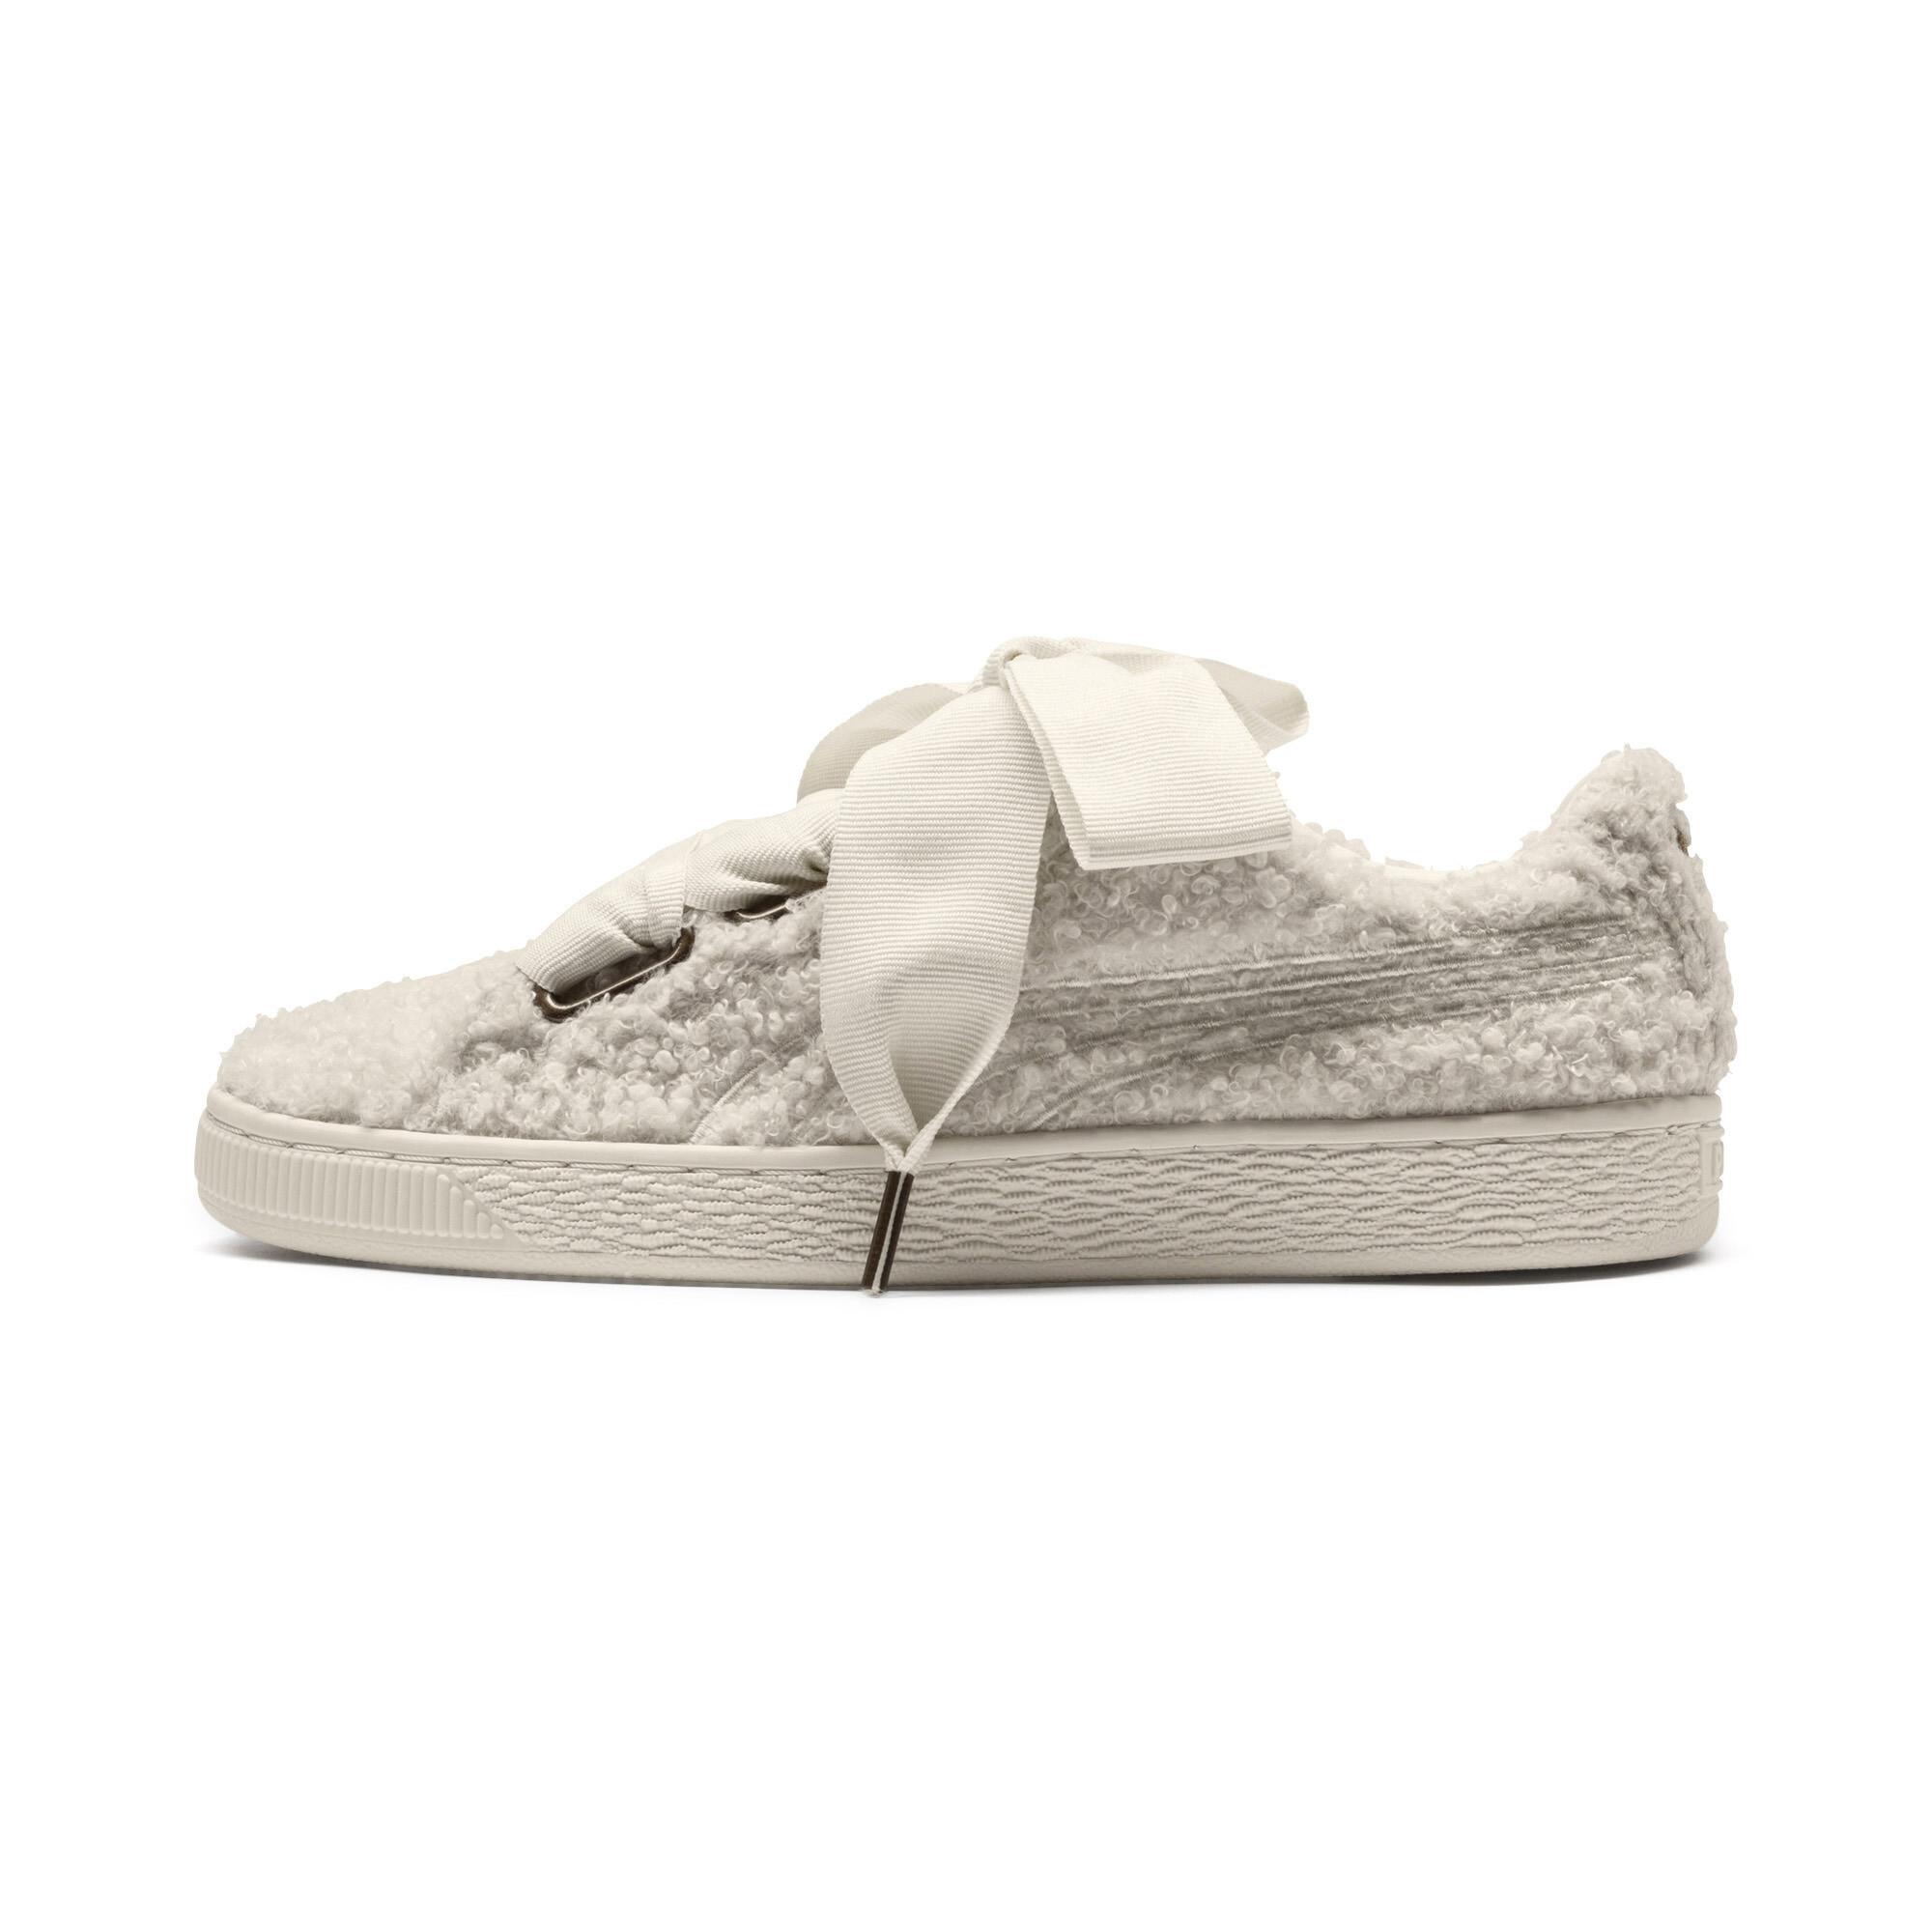 PUMA-Basket-Heart-Teddy-Women-s-Sneakers-Women-Shoe thumbnail 4